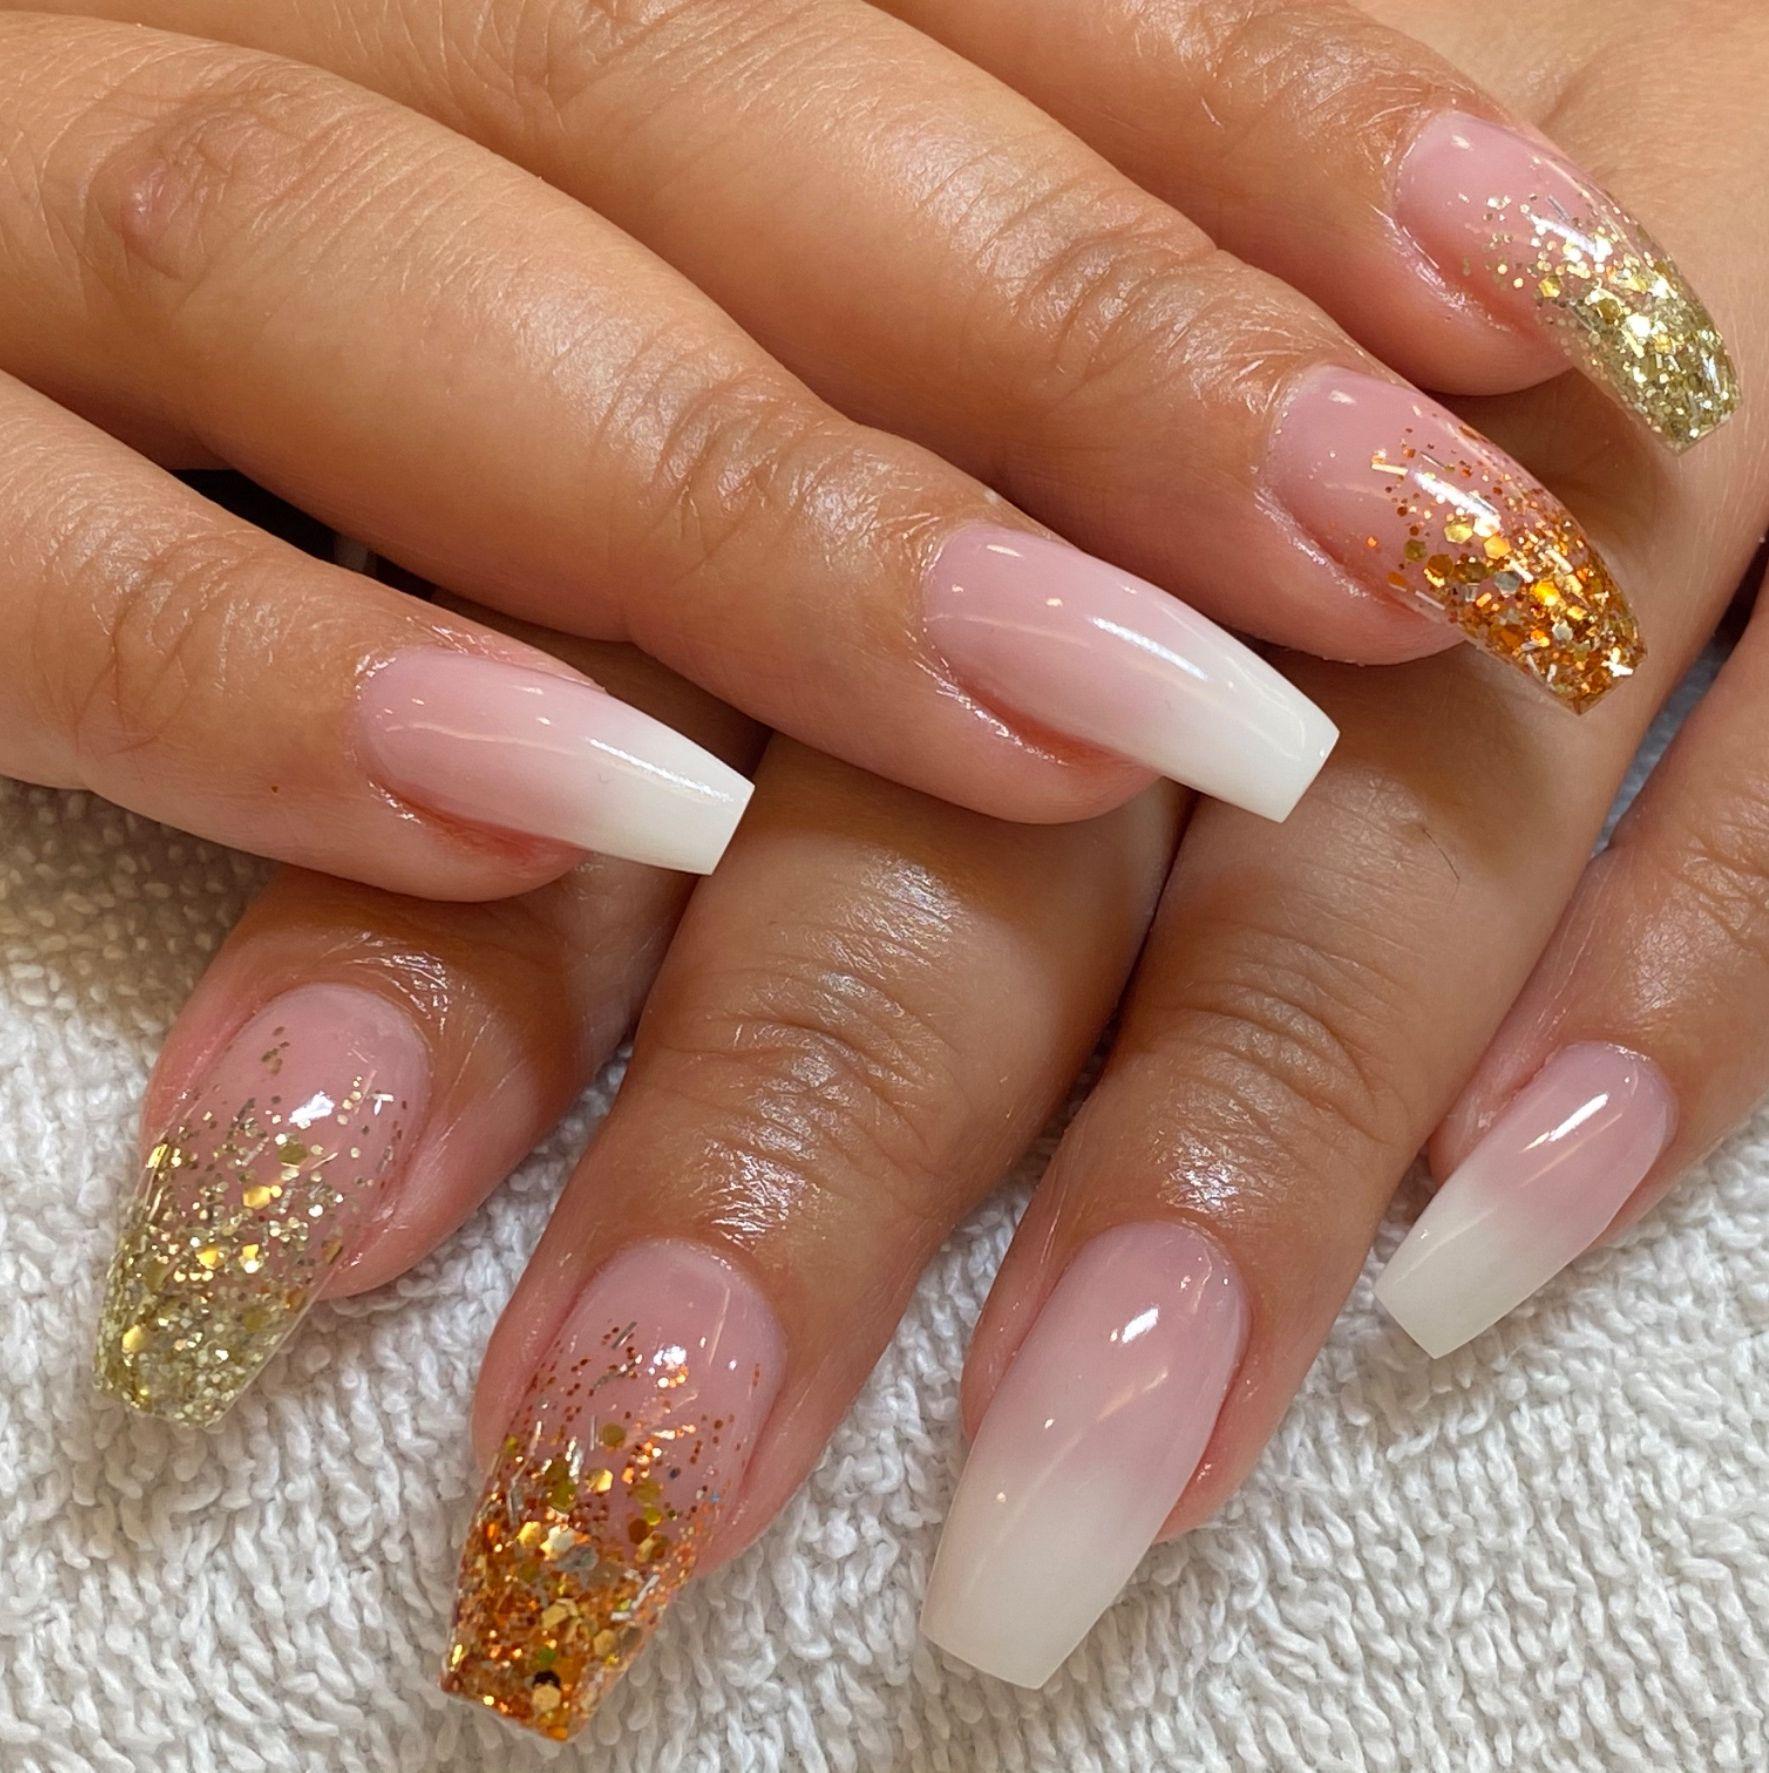 husie naglar och massage